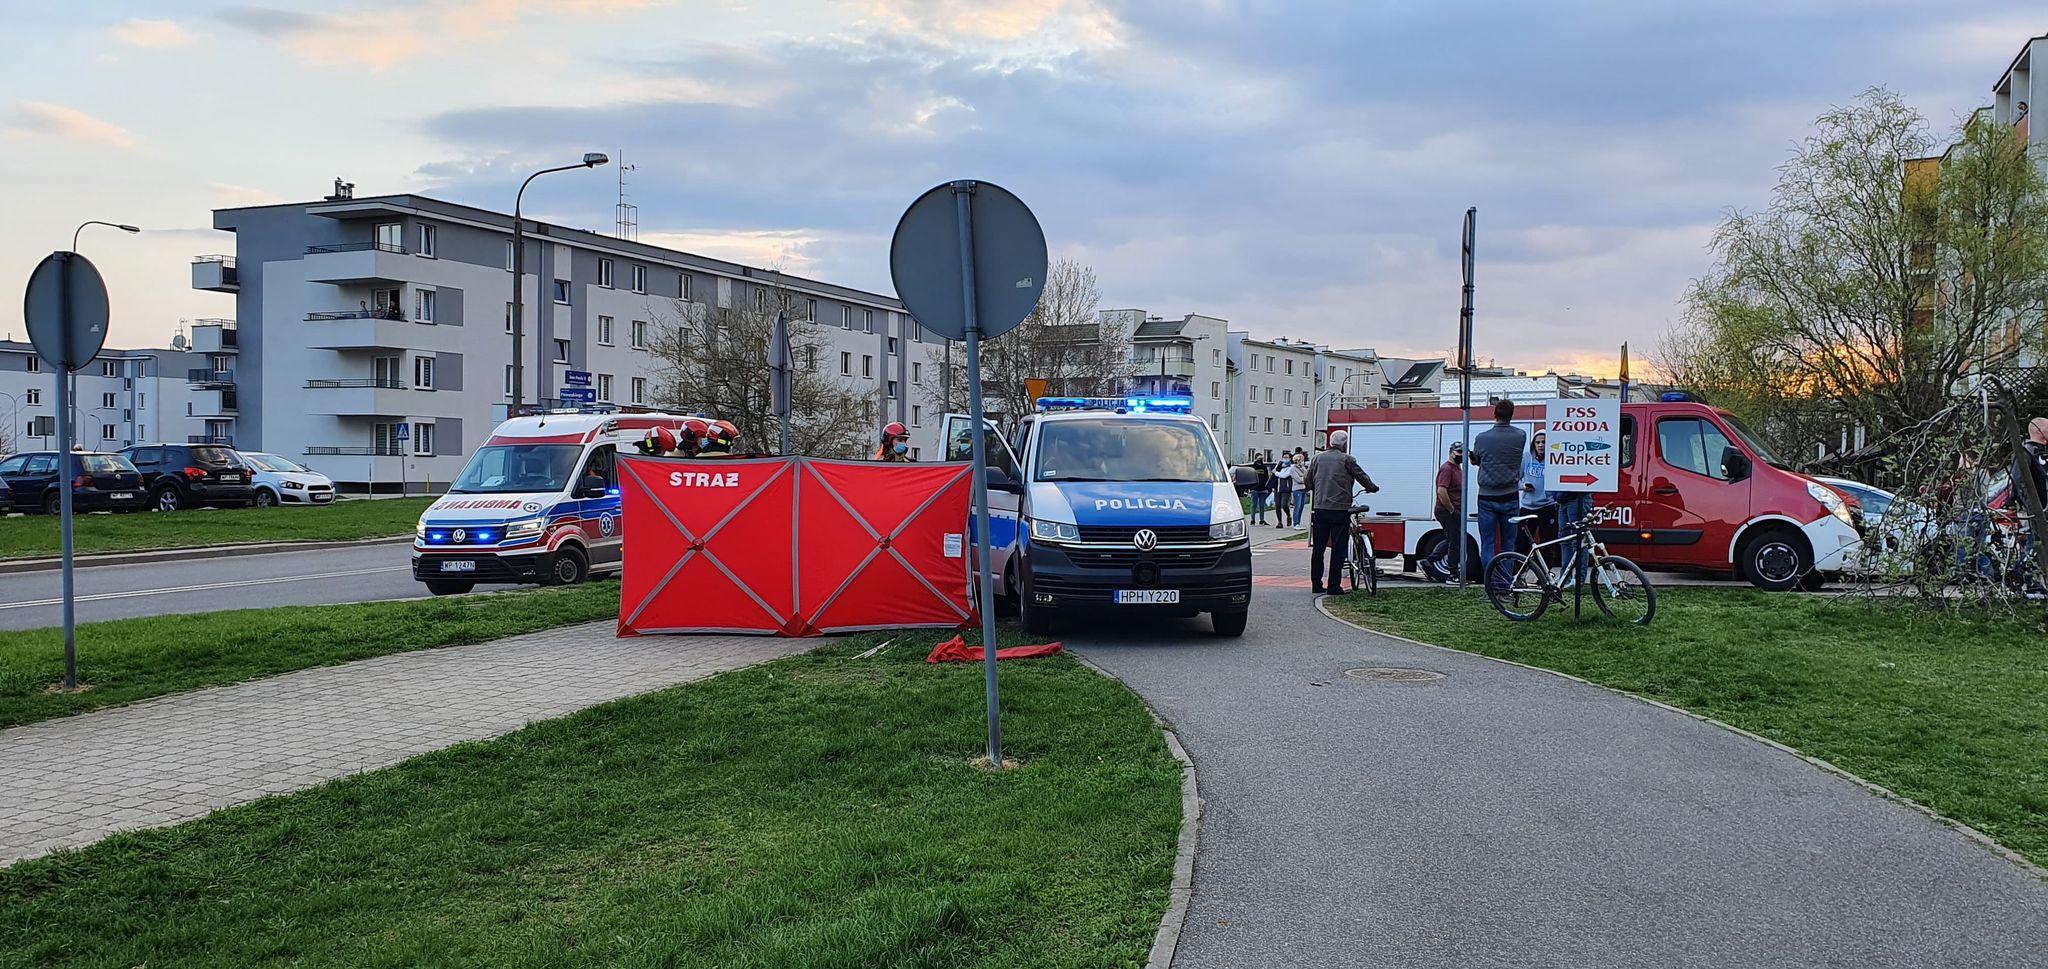 Tragiczne zdarzenie w Płocku. Zmarł mężczyzna - Zdjęcie główne